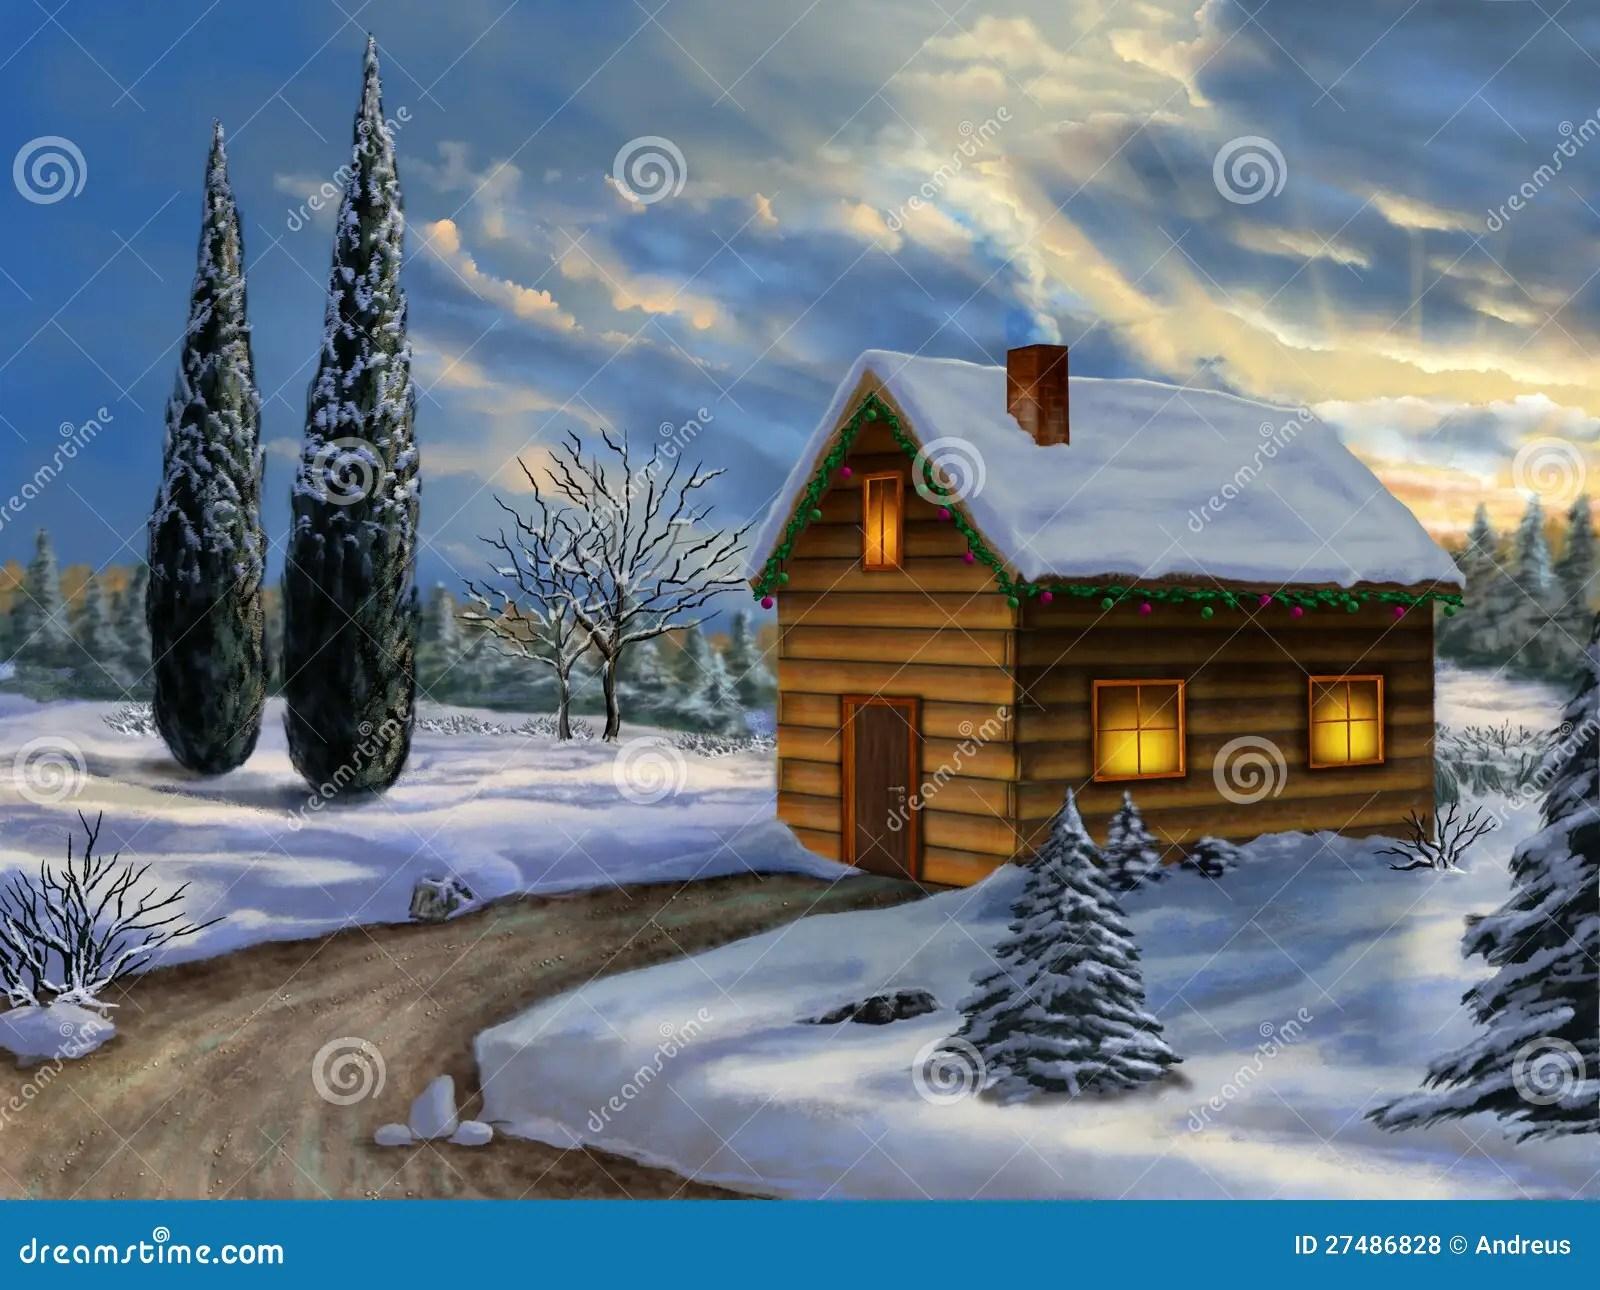 Weihnachtslandschaft Lizenzfreie Stockfotos Bild 27486828